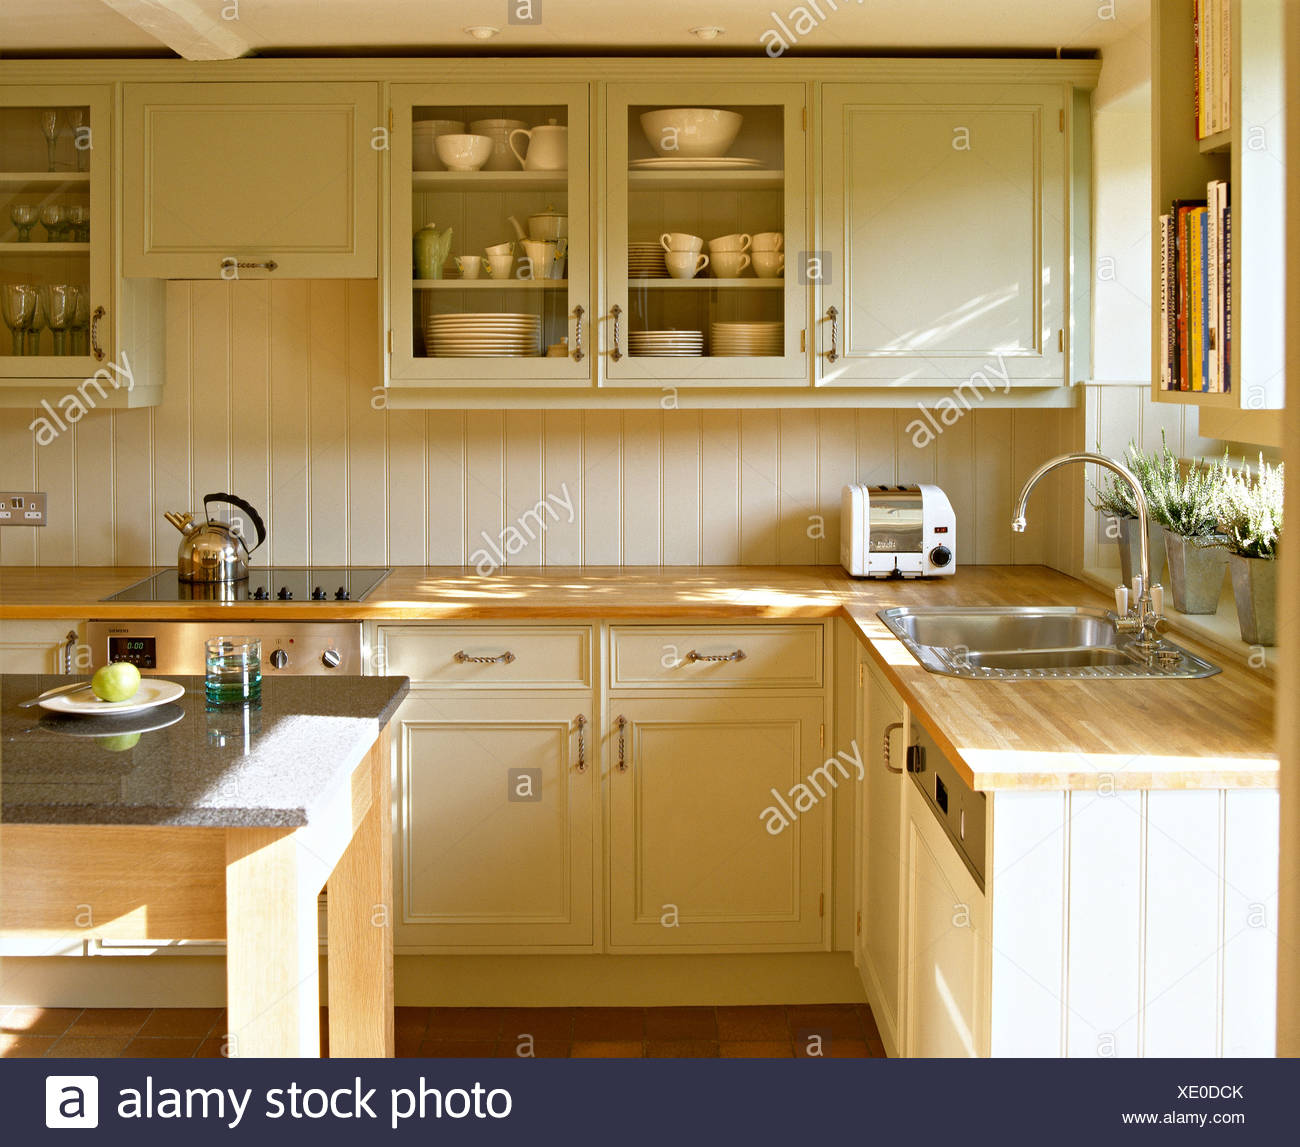 Niedlich Shaker Küchenschrank Ideen Ideen - Küchenschrank Ideen ...